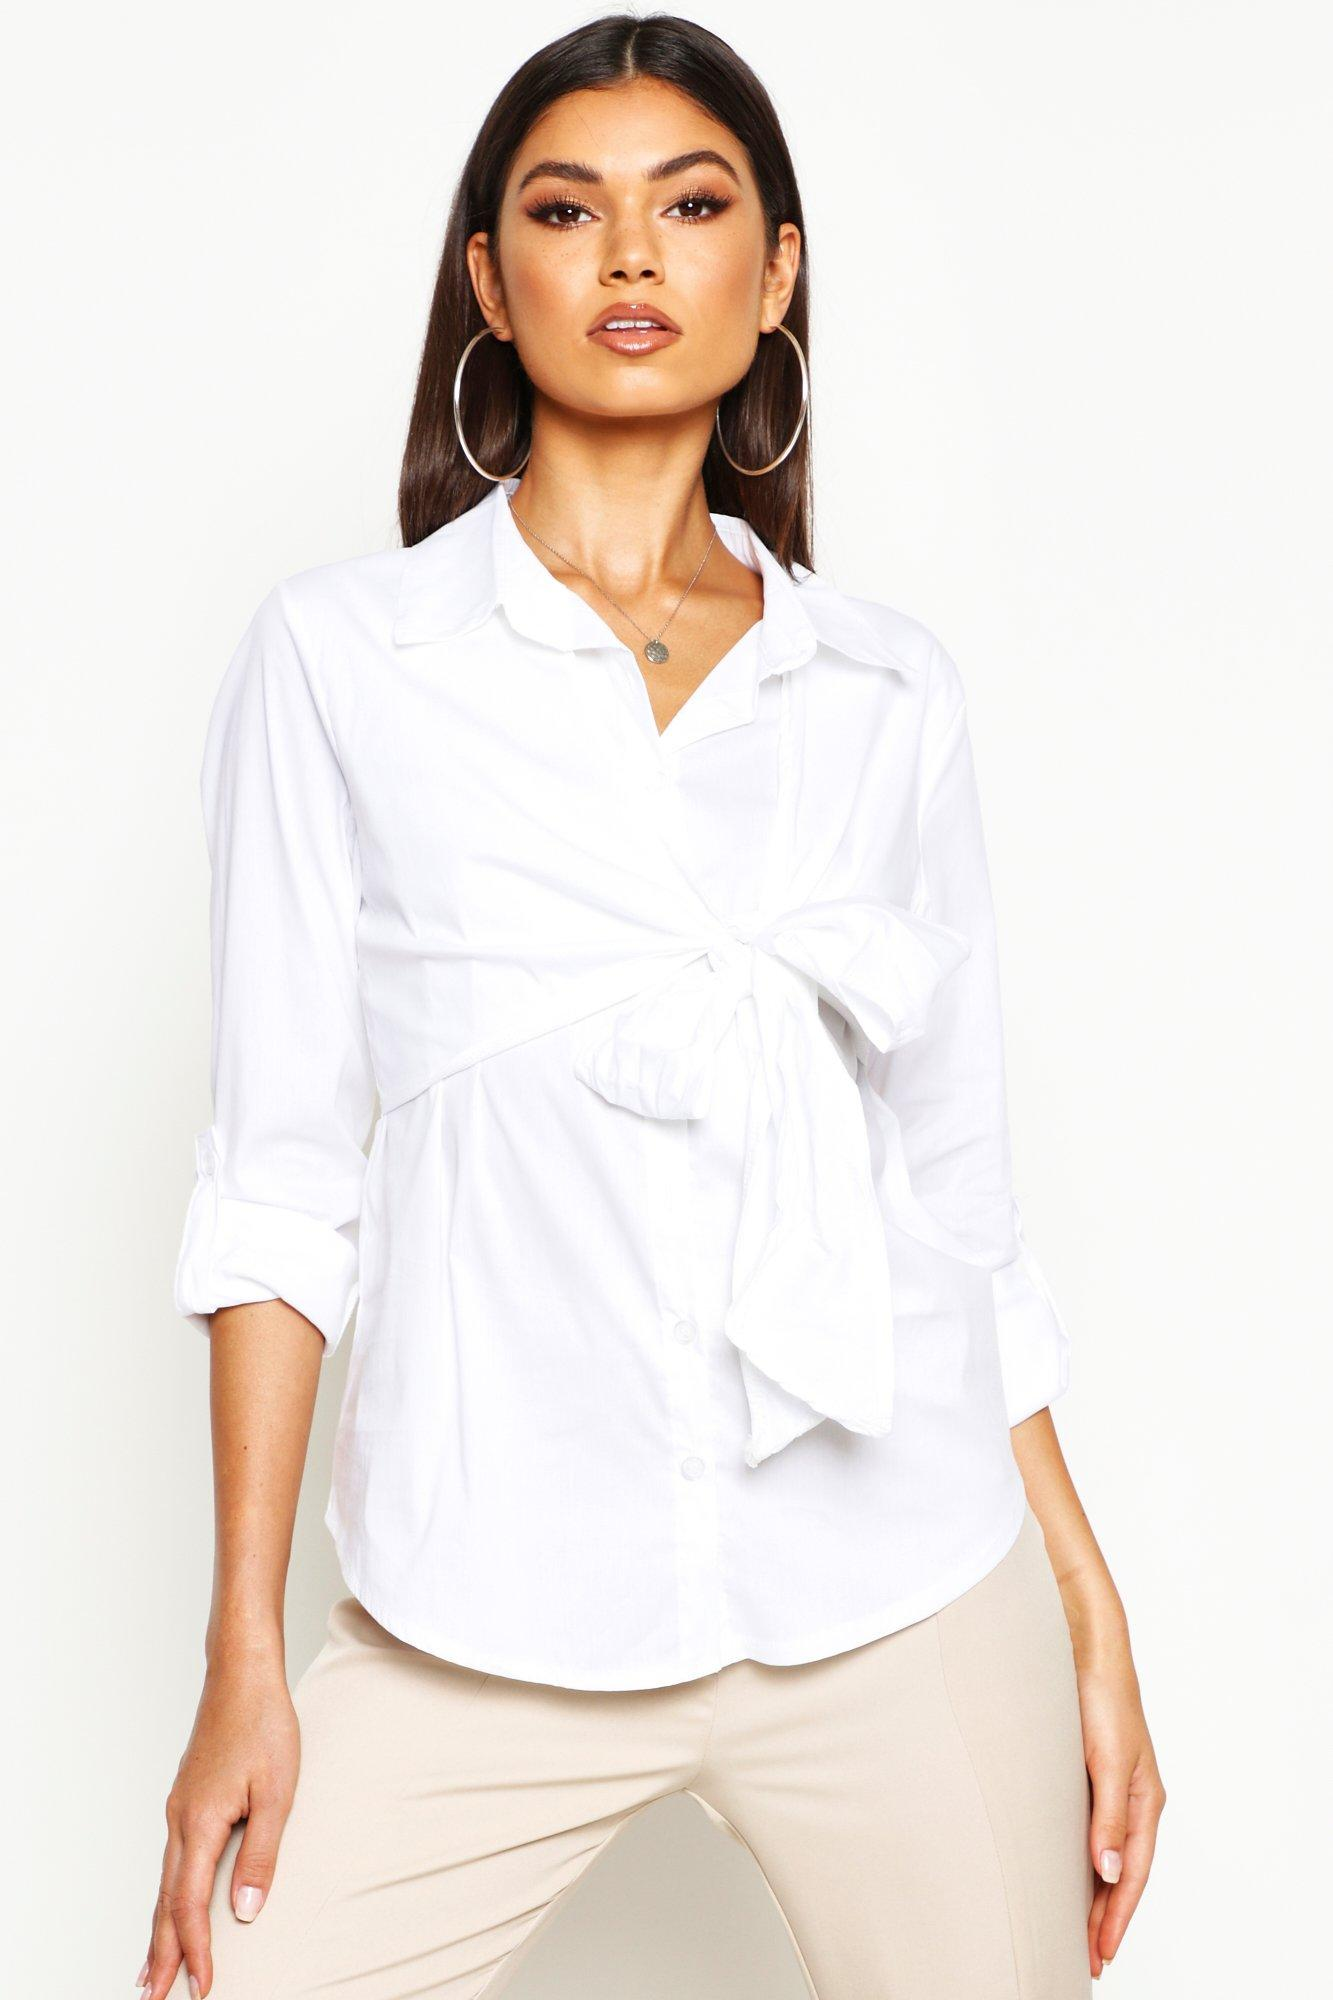 Womens Baumwollhemd mit Zierknoten - Weiß - 34, Weiß - Boohoo.com